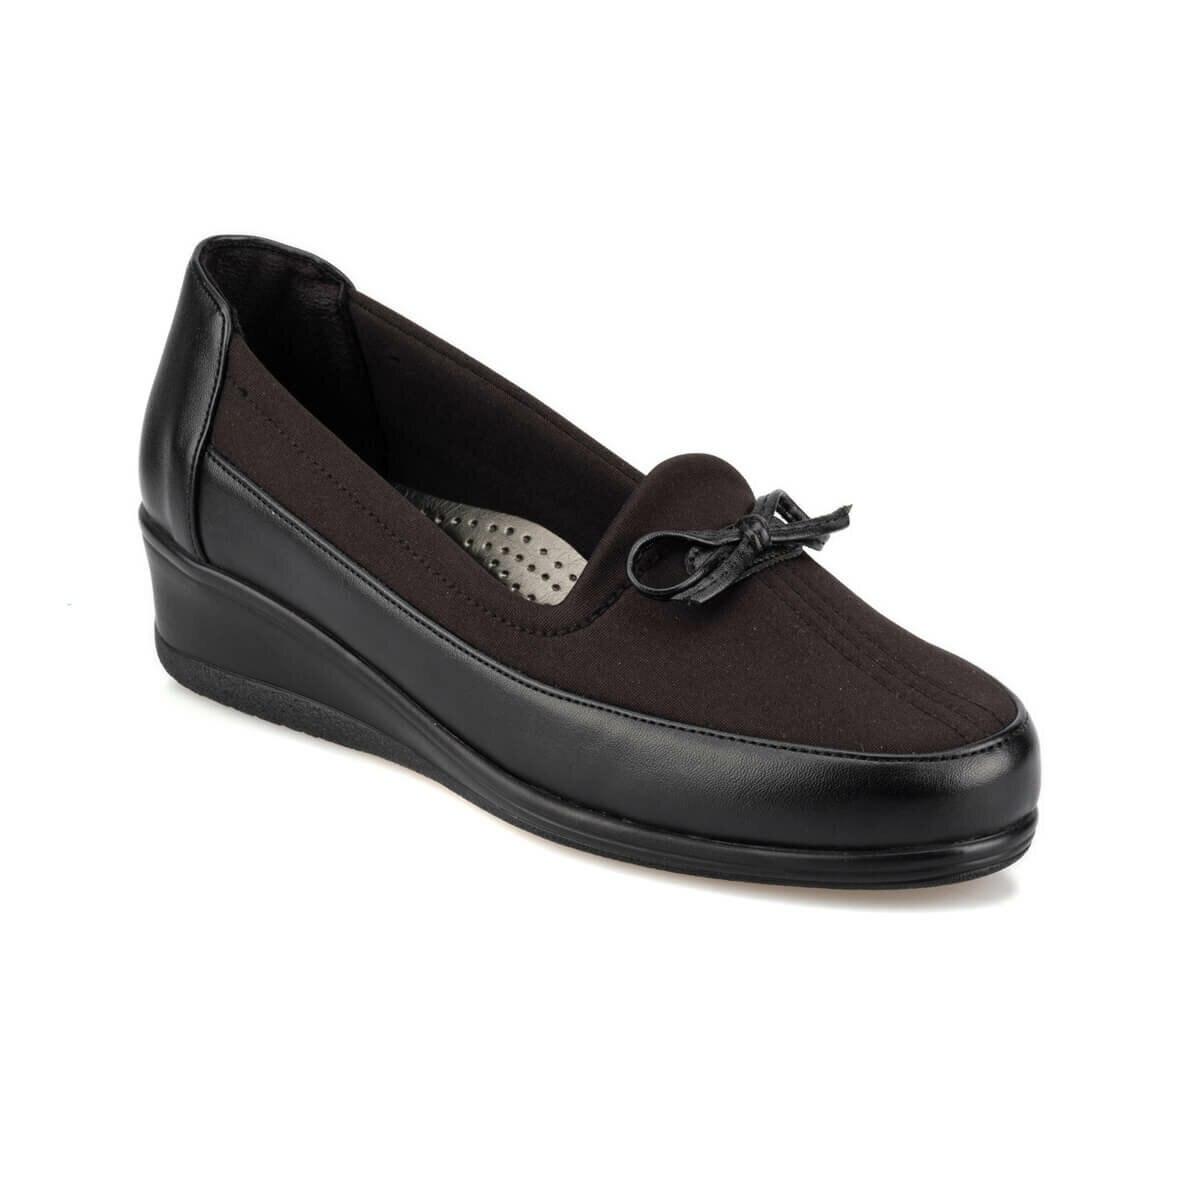 FLO 92.150034.Z Black Women 'S Wedges Shoes Polaris